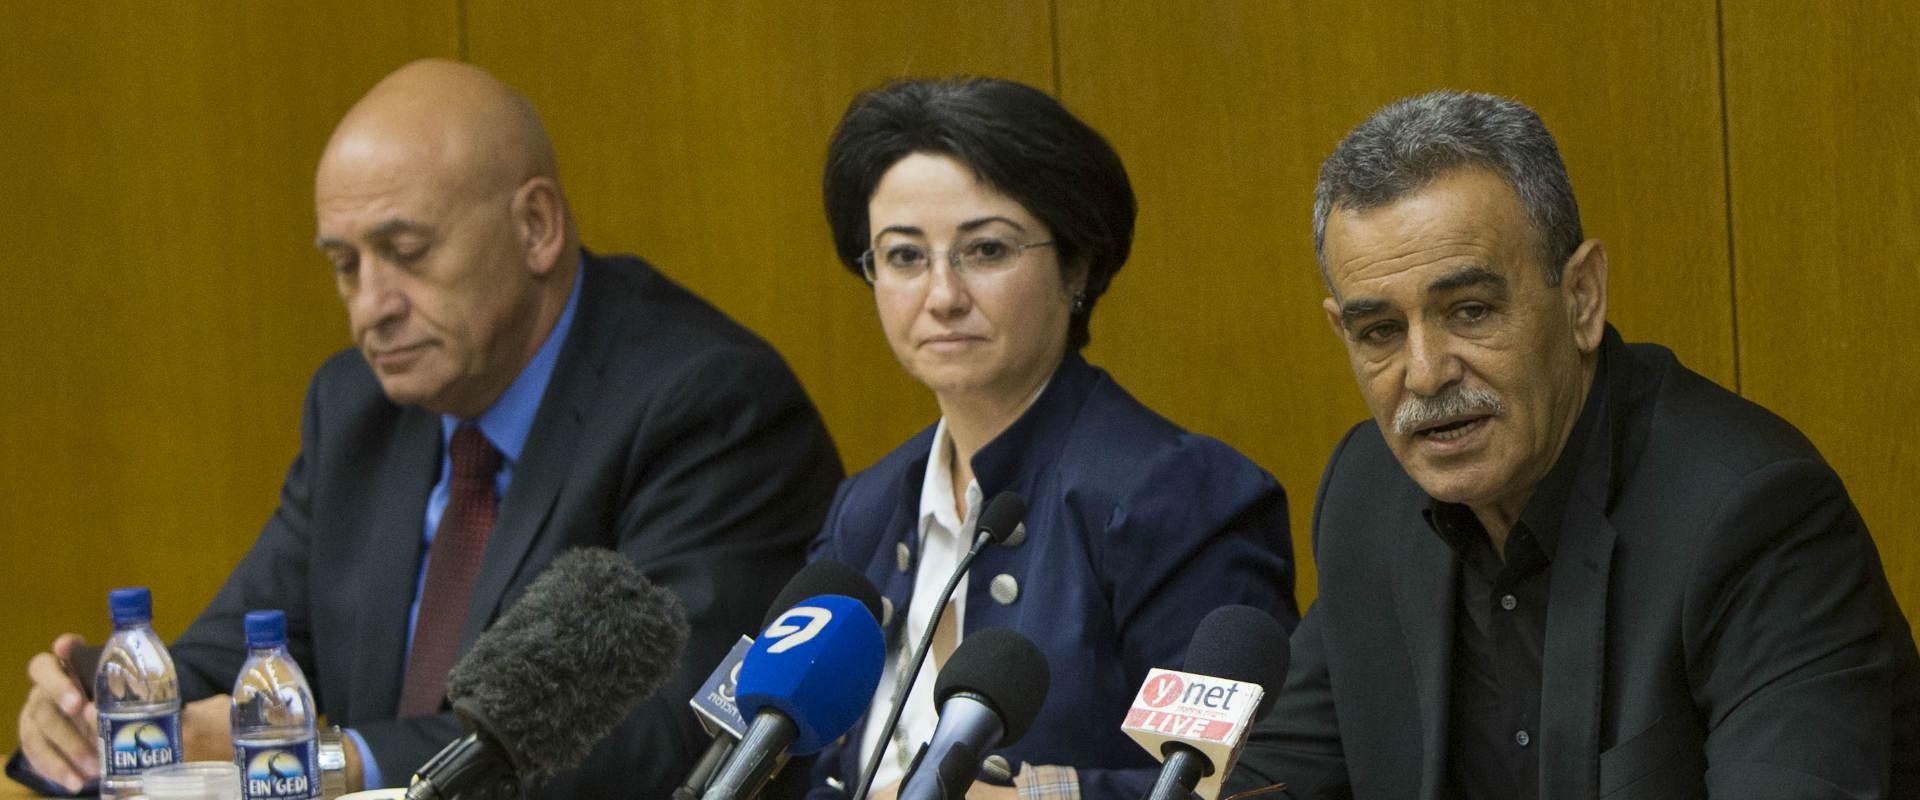 זחאלקה, זועבי וגטאס בכנסת, 2014